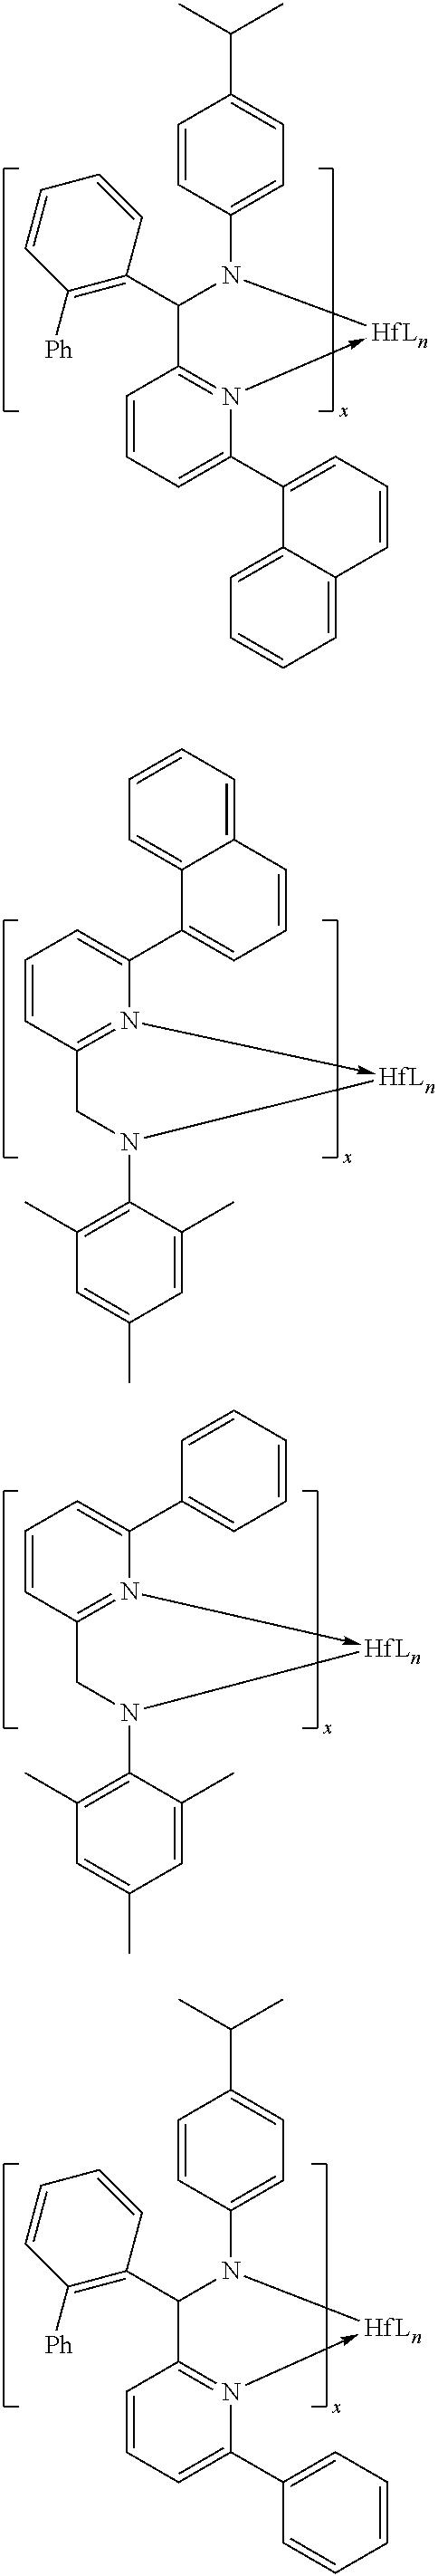 Figure US07897679-20110301-C00017